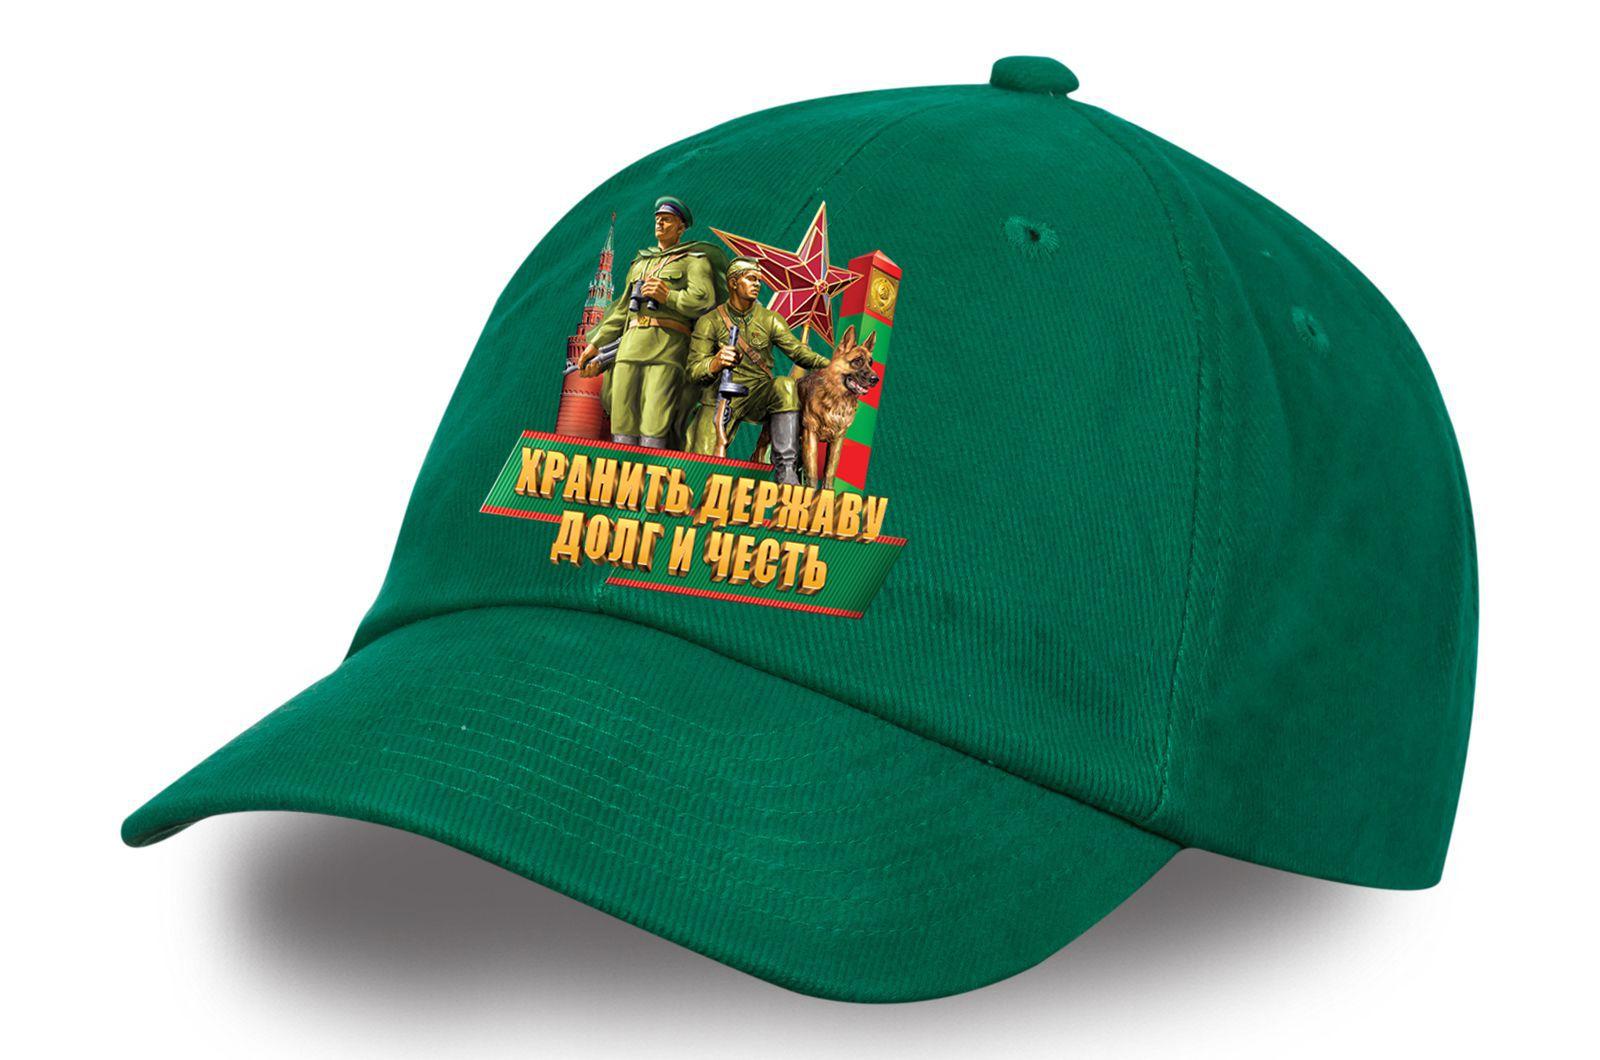 """Пограничная кепка """"Хранить державу"""" - купить онлайн по лучшей цене"""